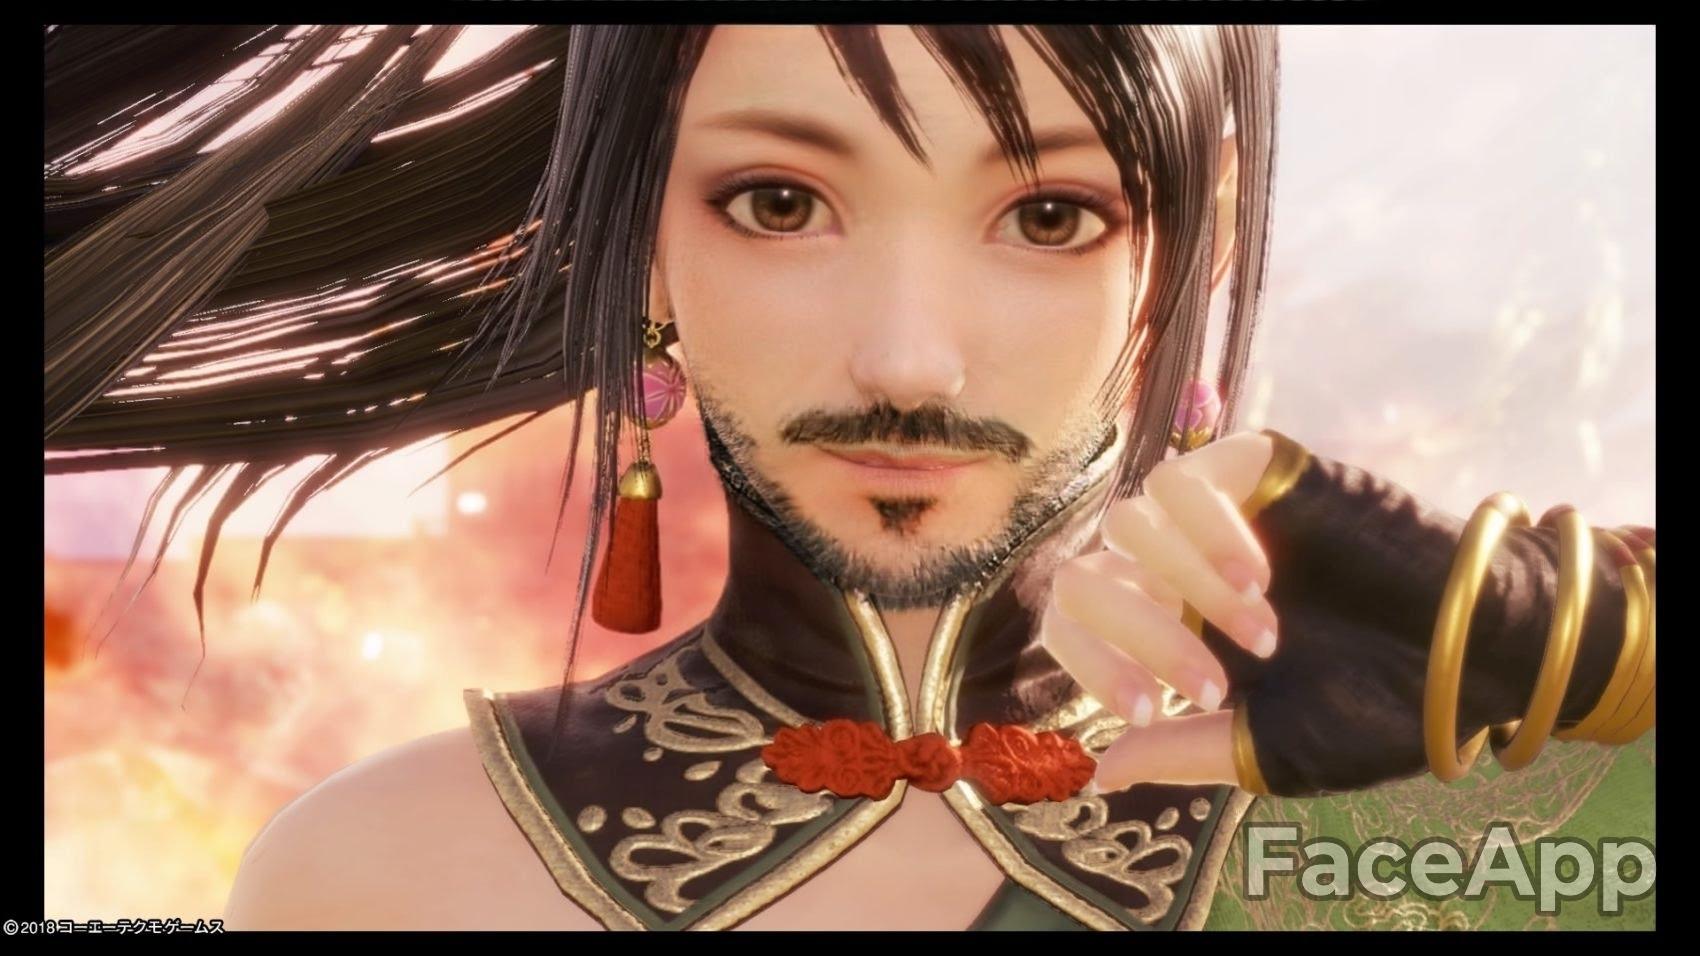 【超画像】FaceAppで女の画像に髭生やすの楽しすぎワロタwww